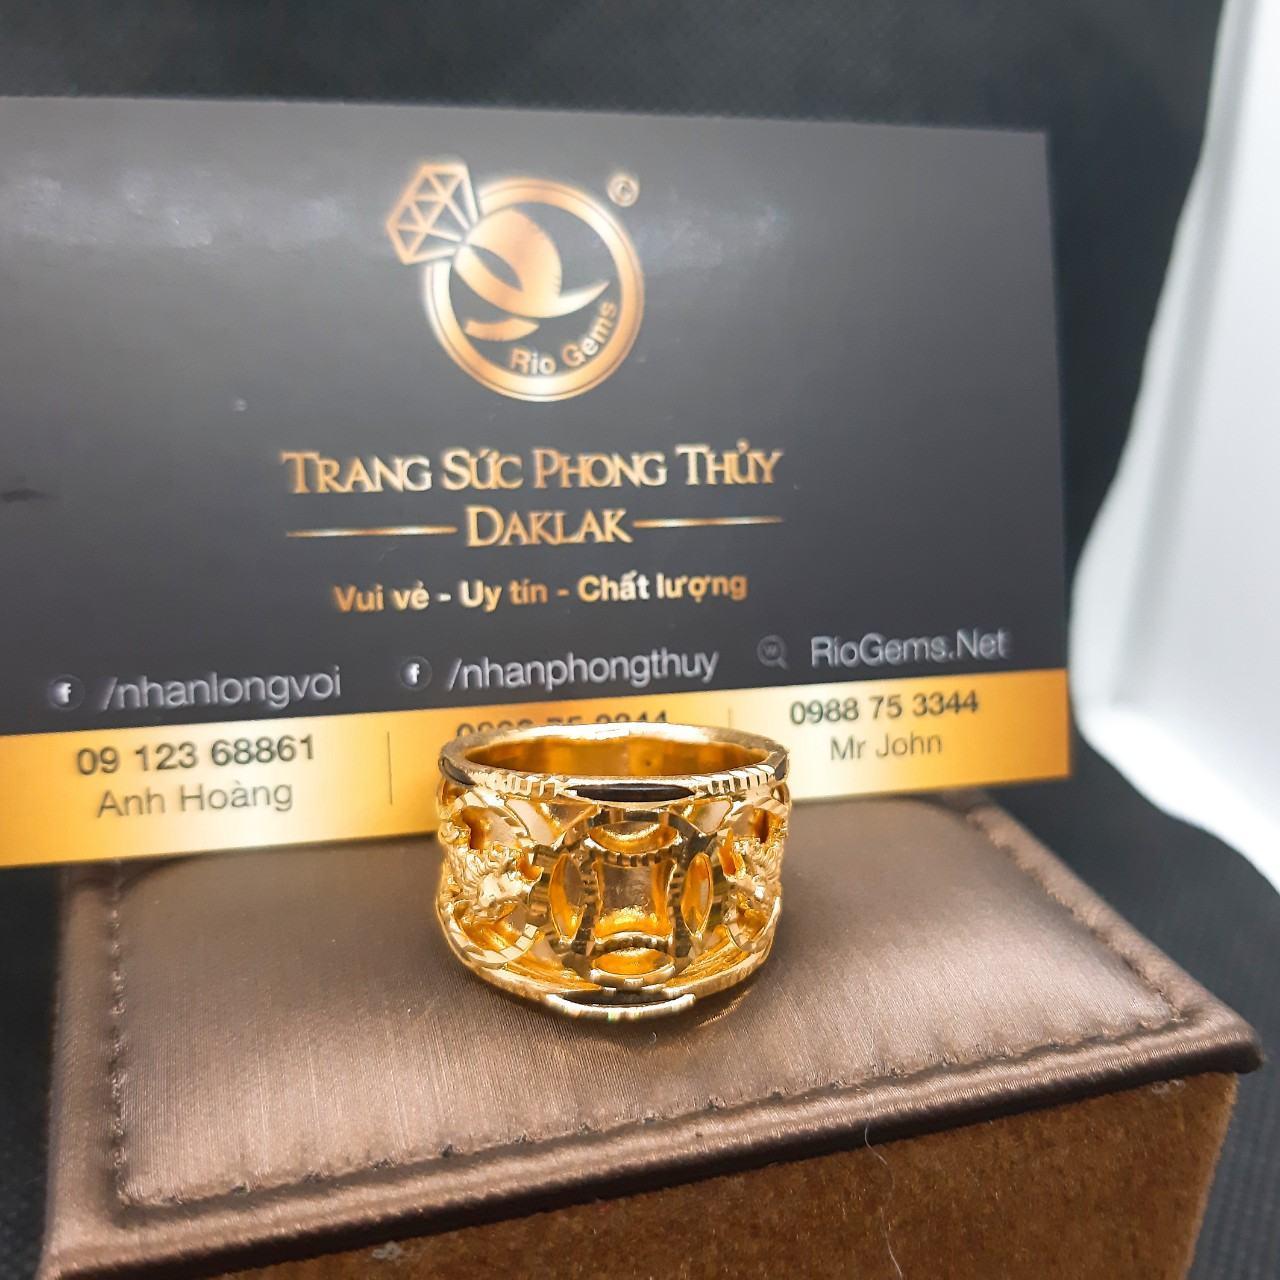 Nhẫn Rồng Rồng 1 đồng tiền VÀNG Ý phong thủy Riogems